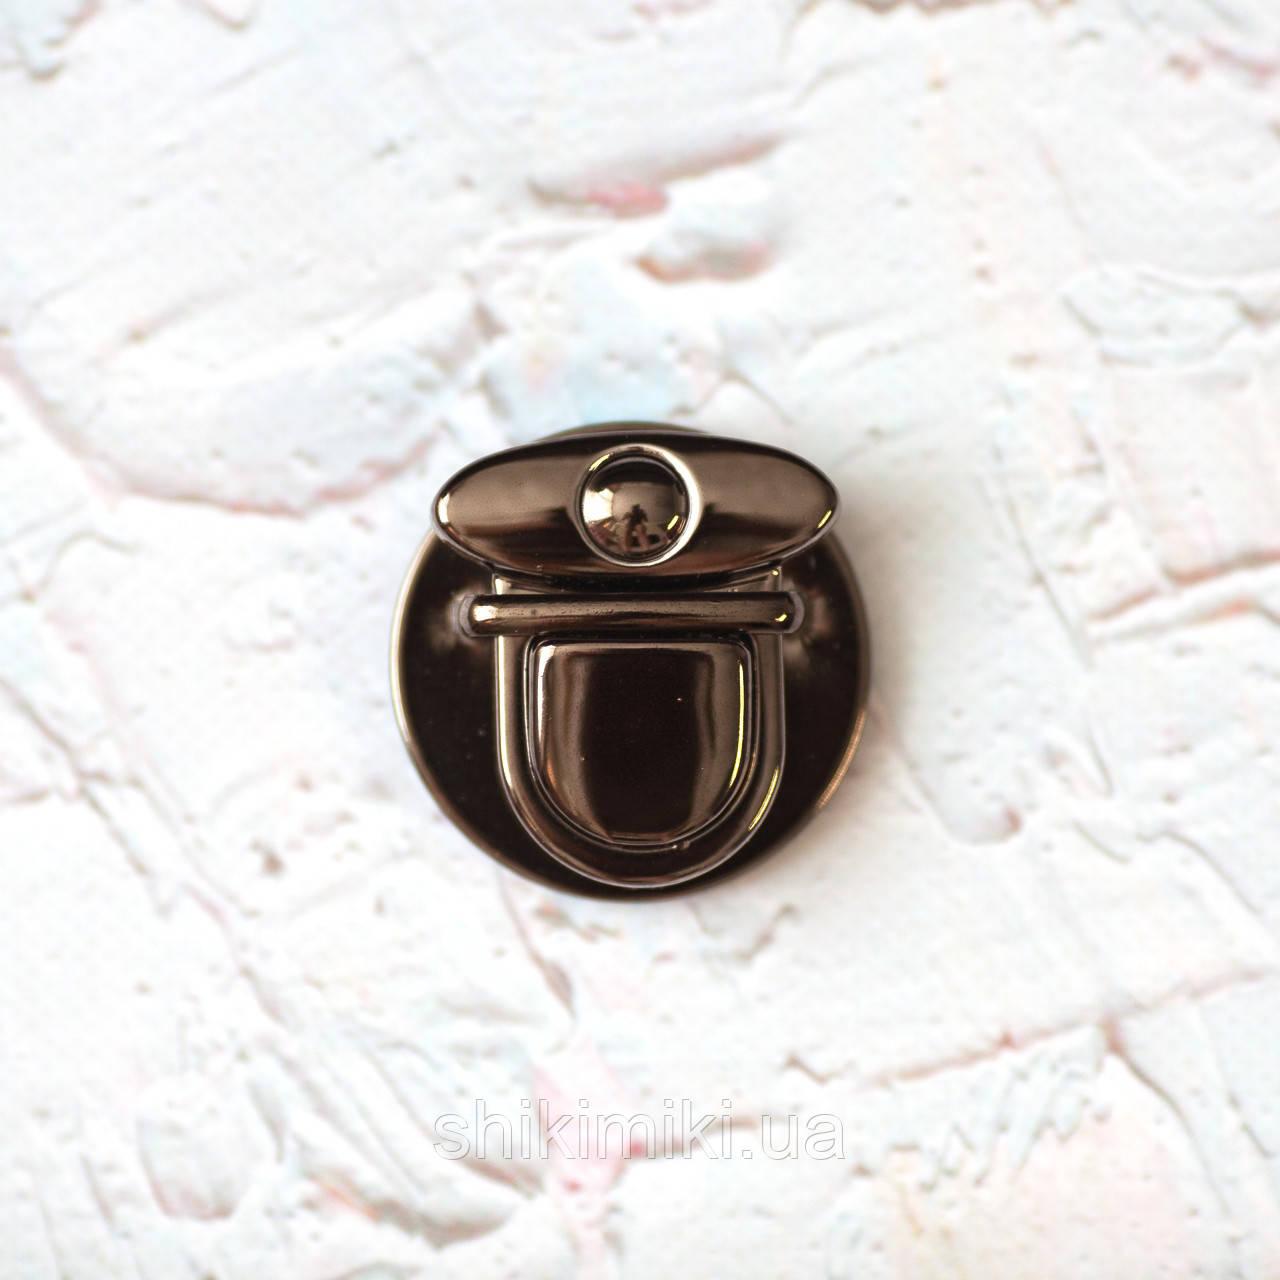 Замок для сумки круглый ZM01-2, цвет черный никель